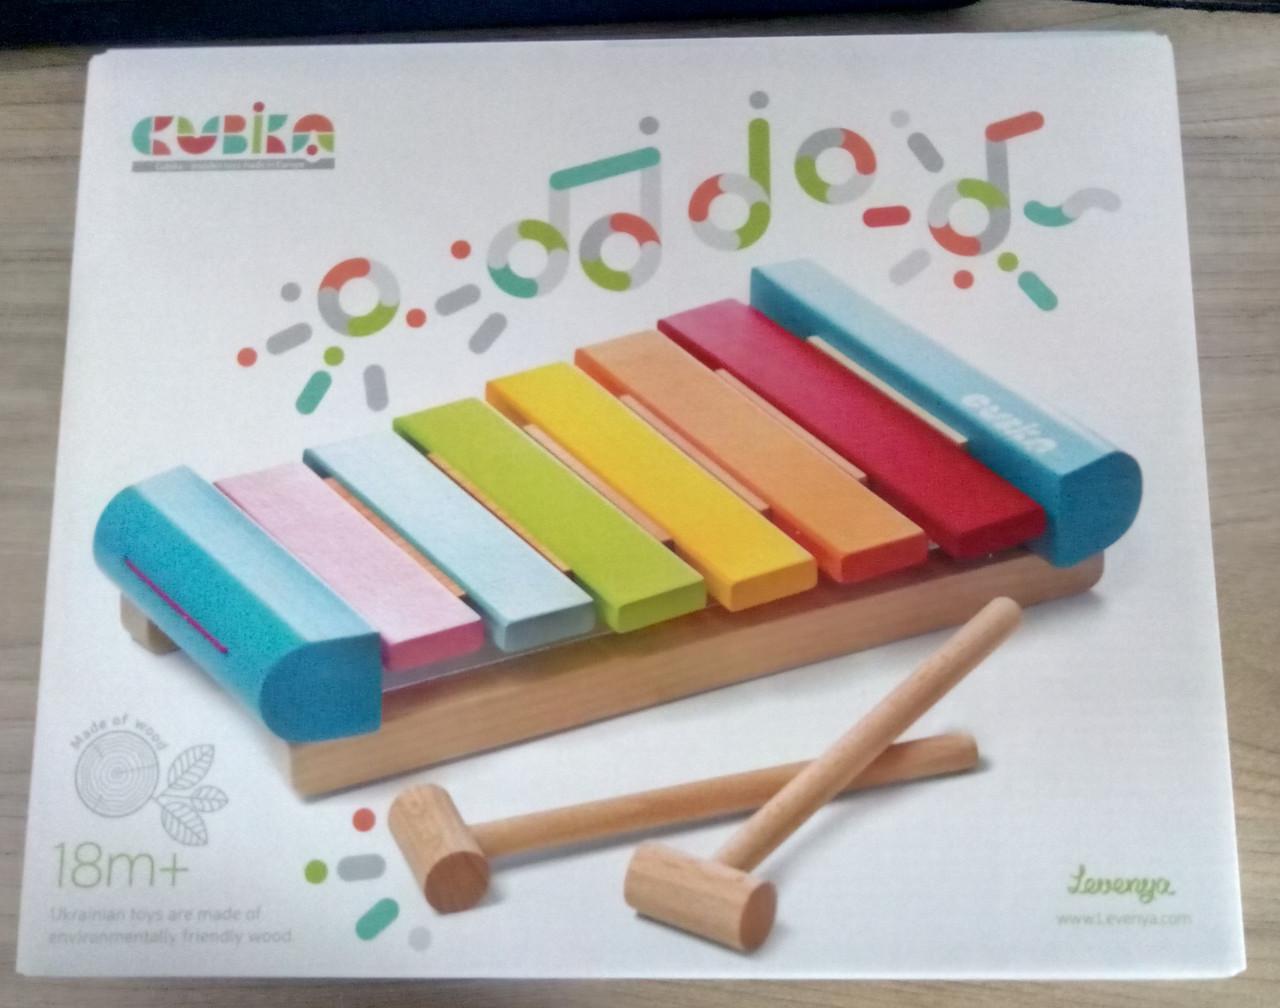 Ксилофон музикальна деревяна розвиваюча ігра ТМ CUBIKA Дерев'яна іграшка Ксилофон